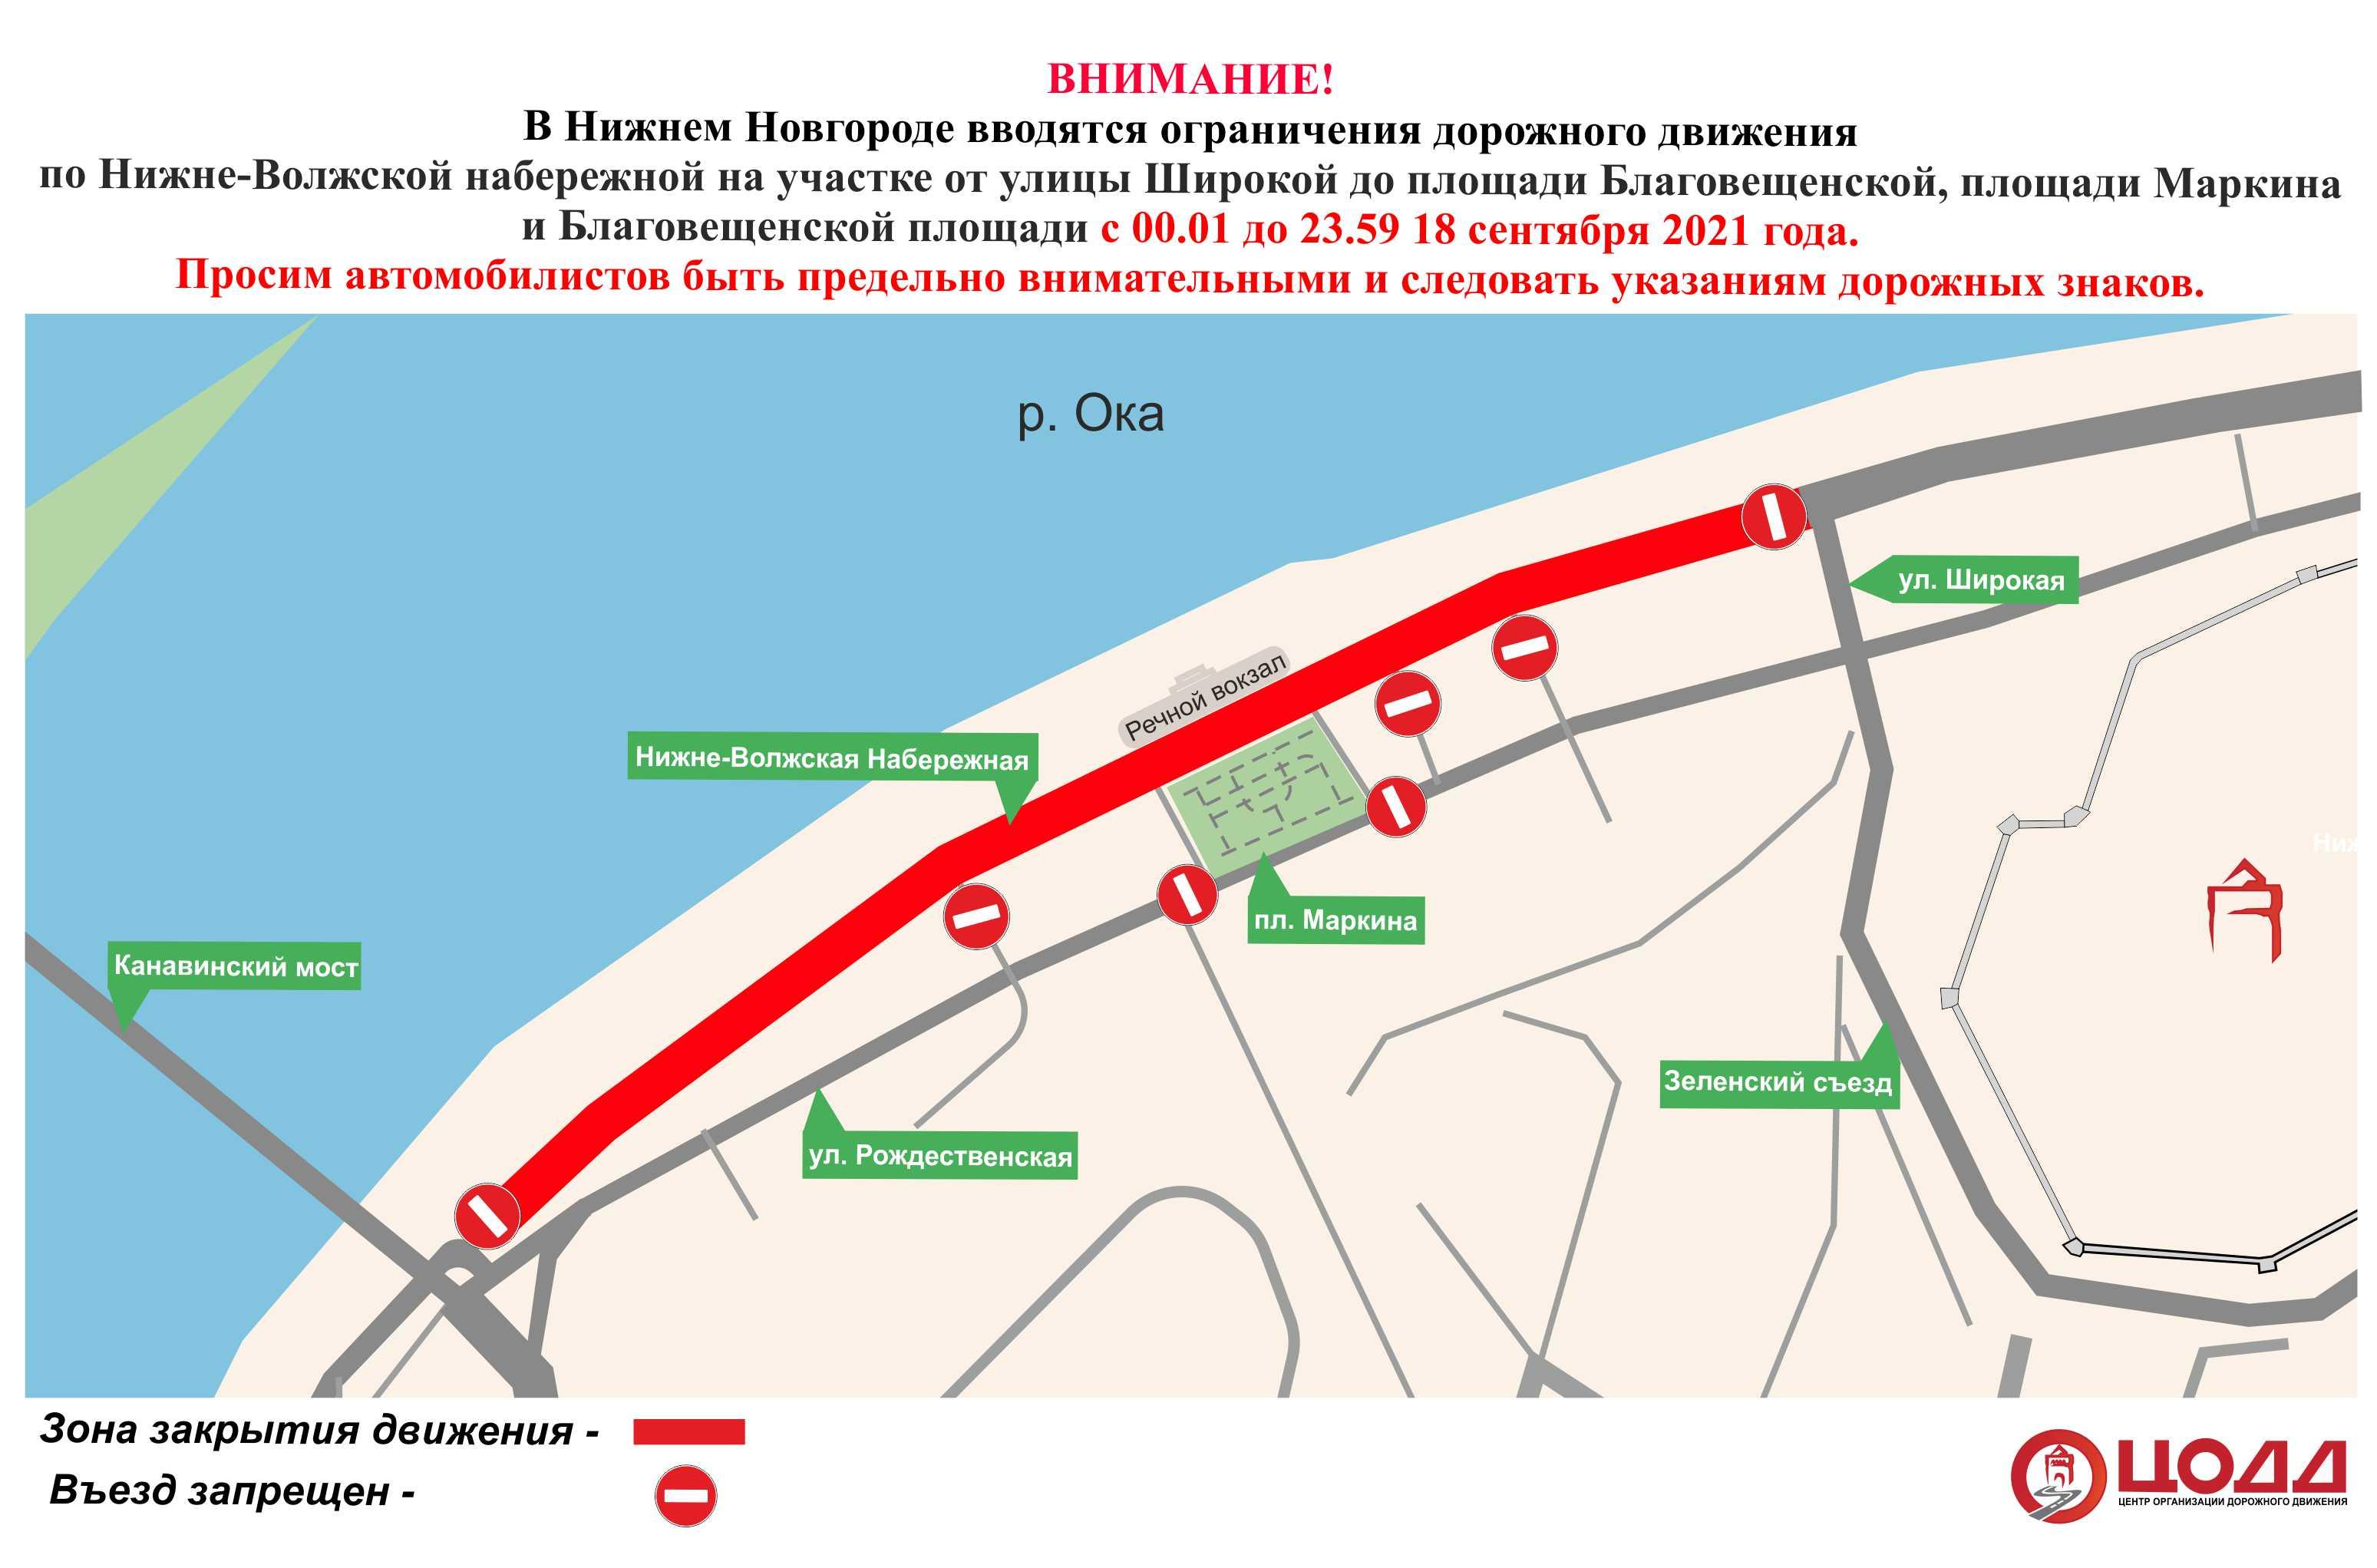 Нижне-Волжскую набережную в Нижнем Новгороде перекроют 18 сентября - фото 1